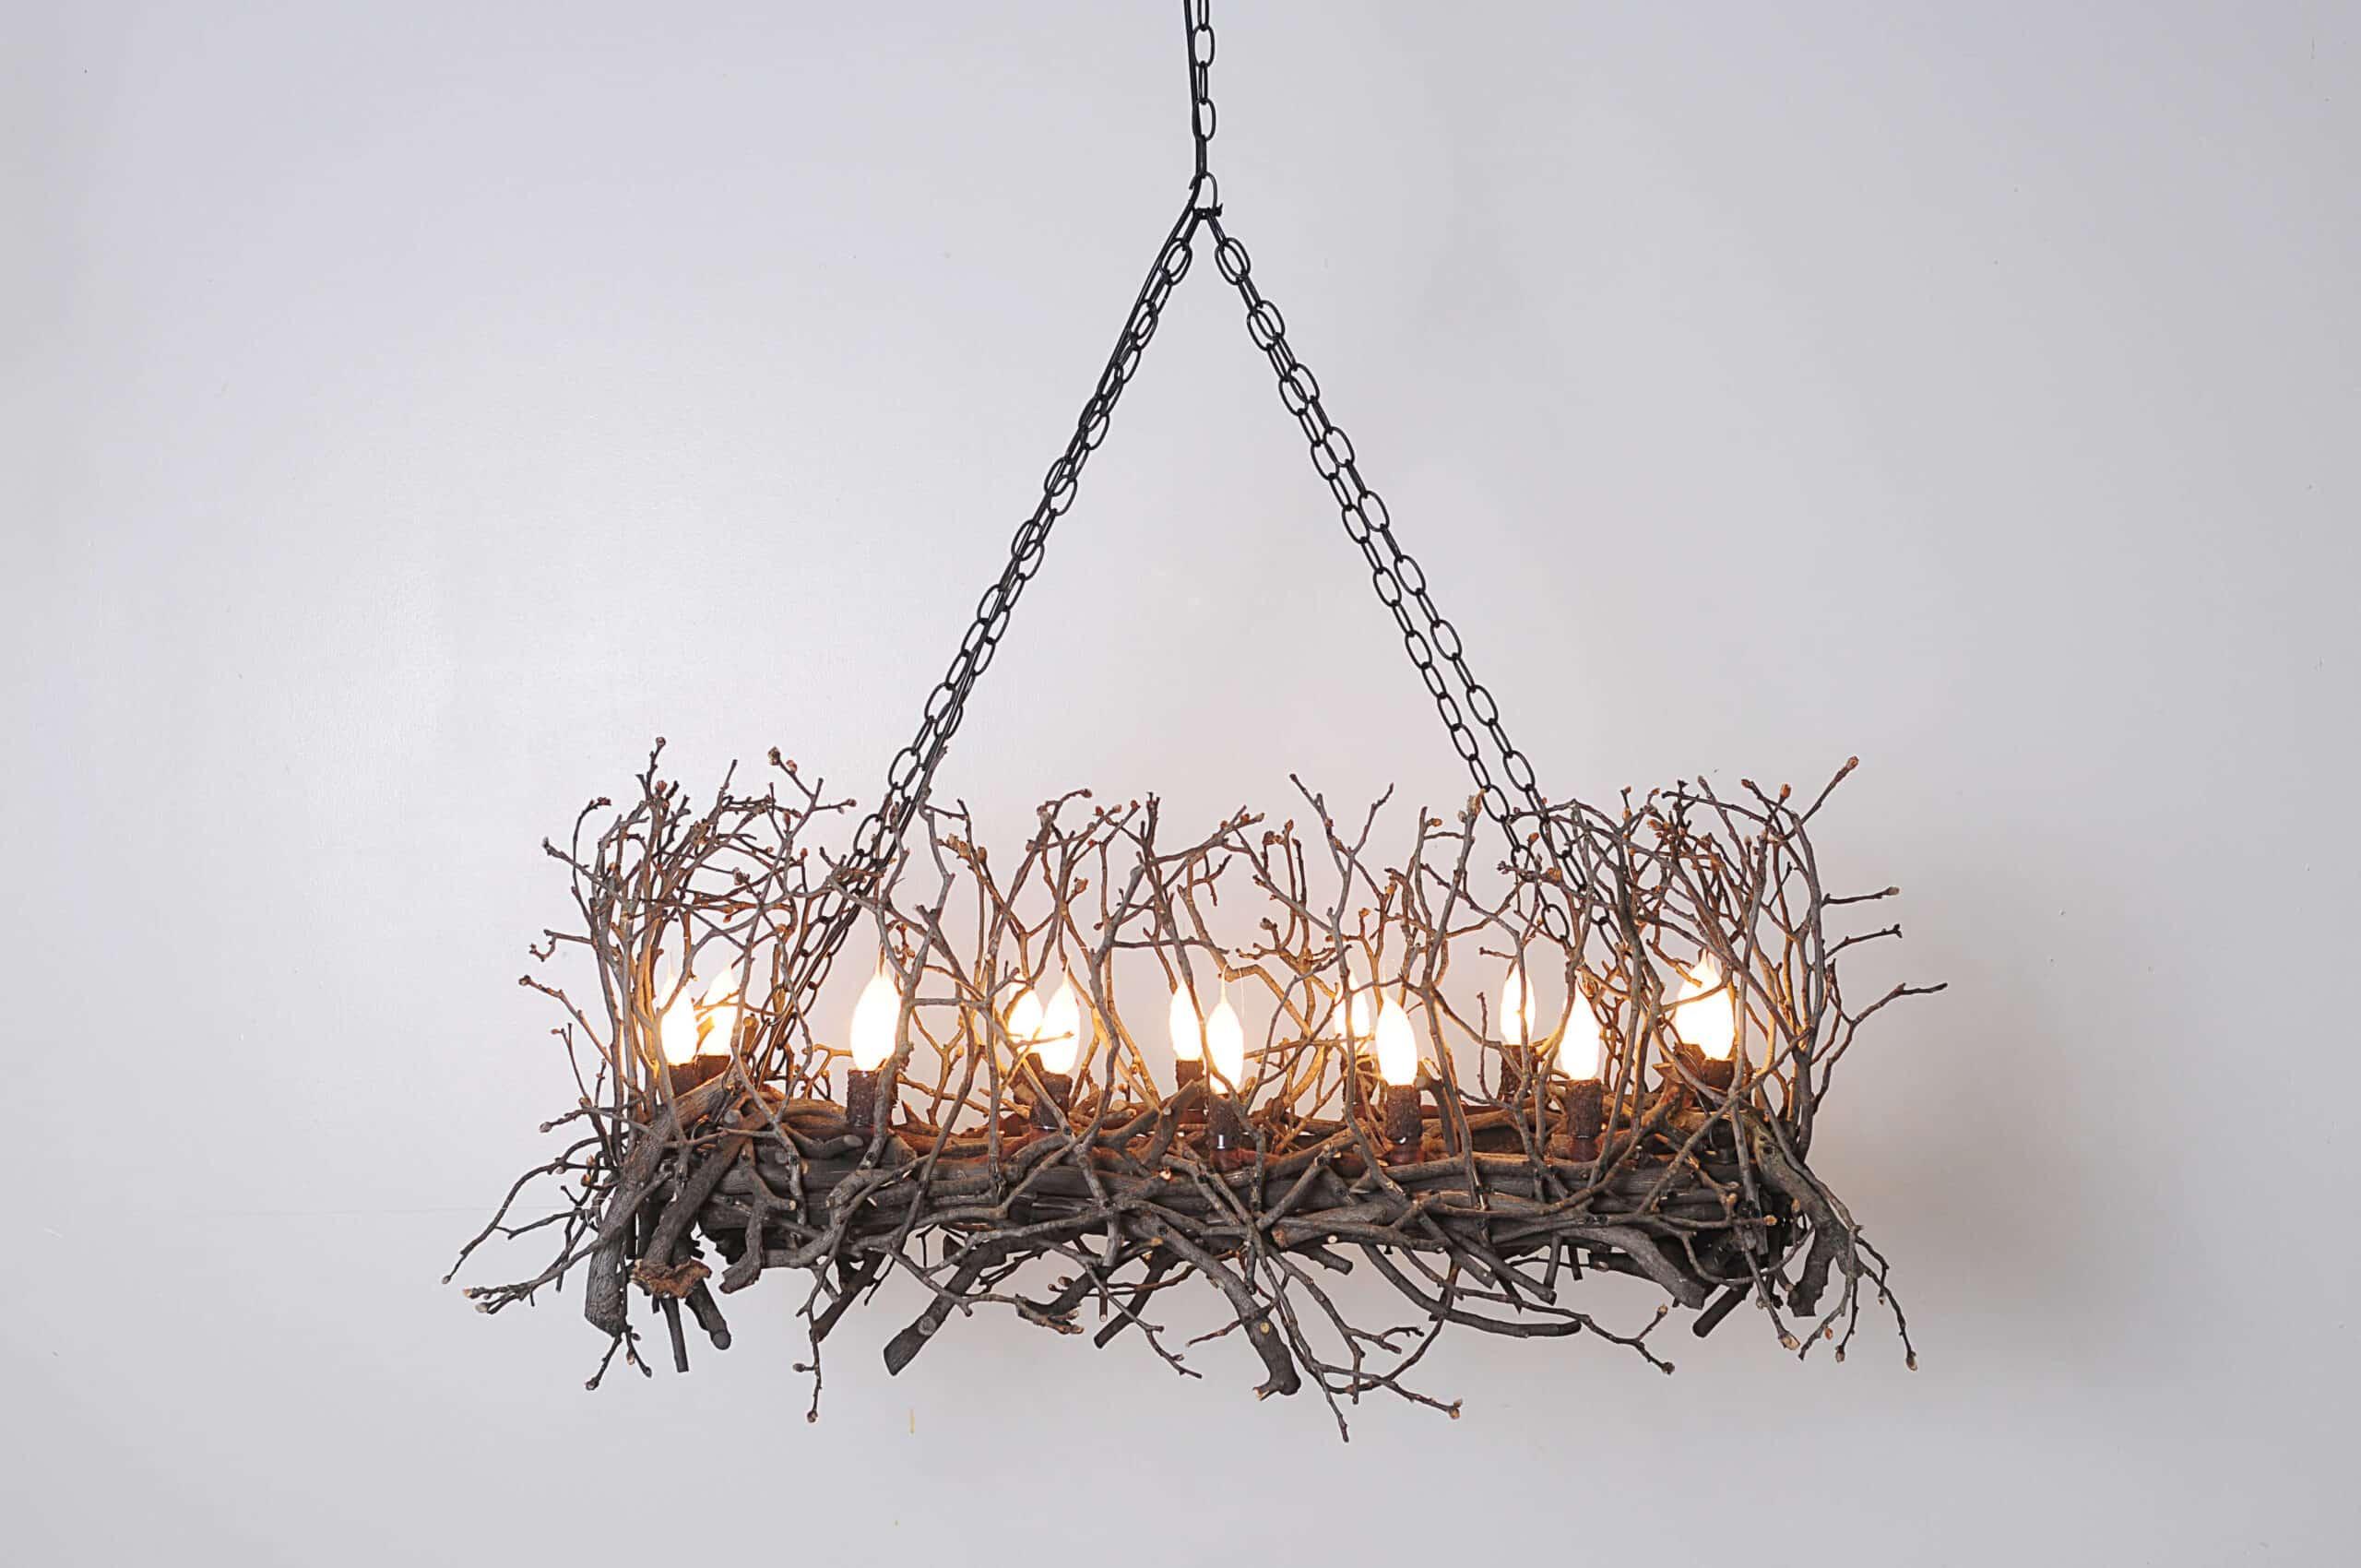 Branchelier, Artisan Chandelier, Wish Designs USA